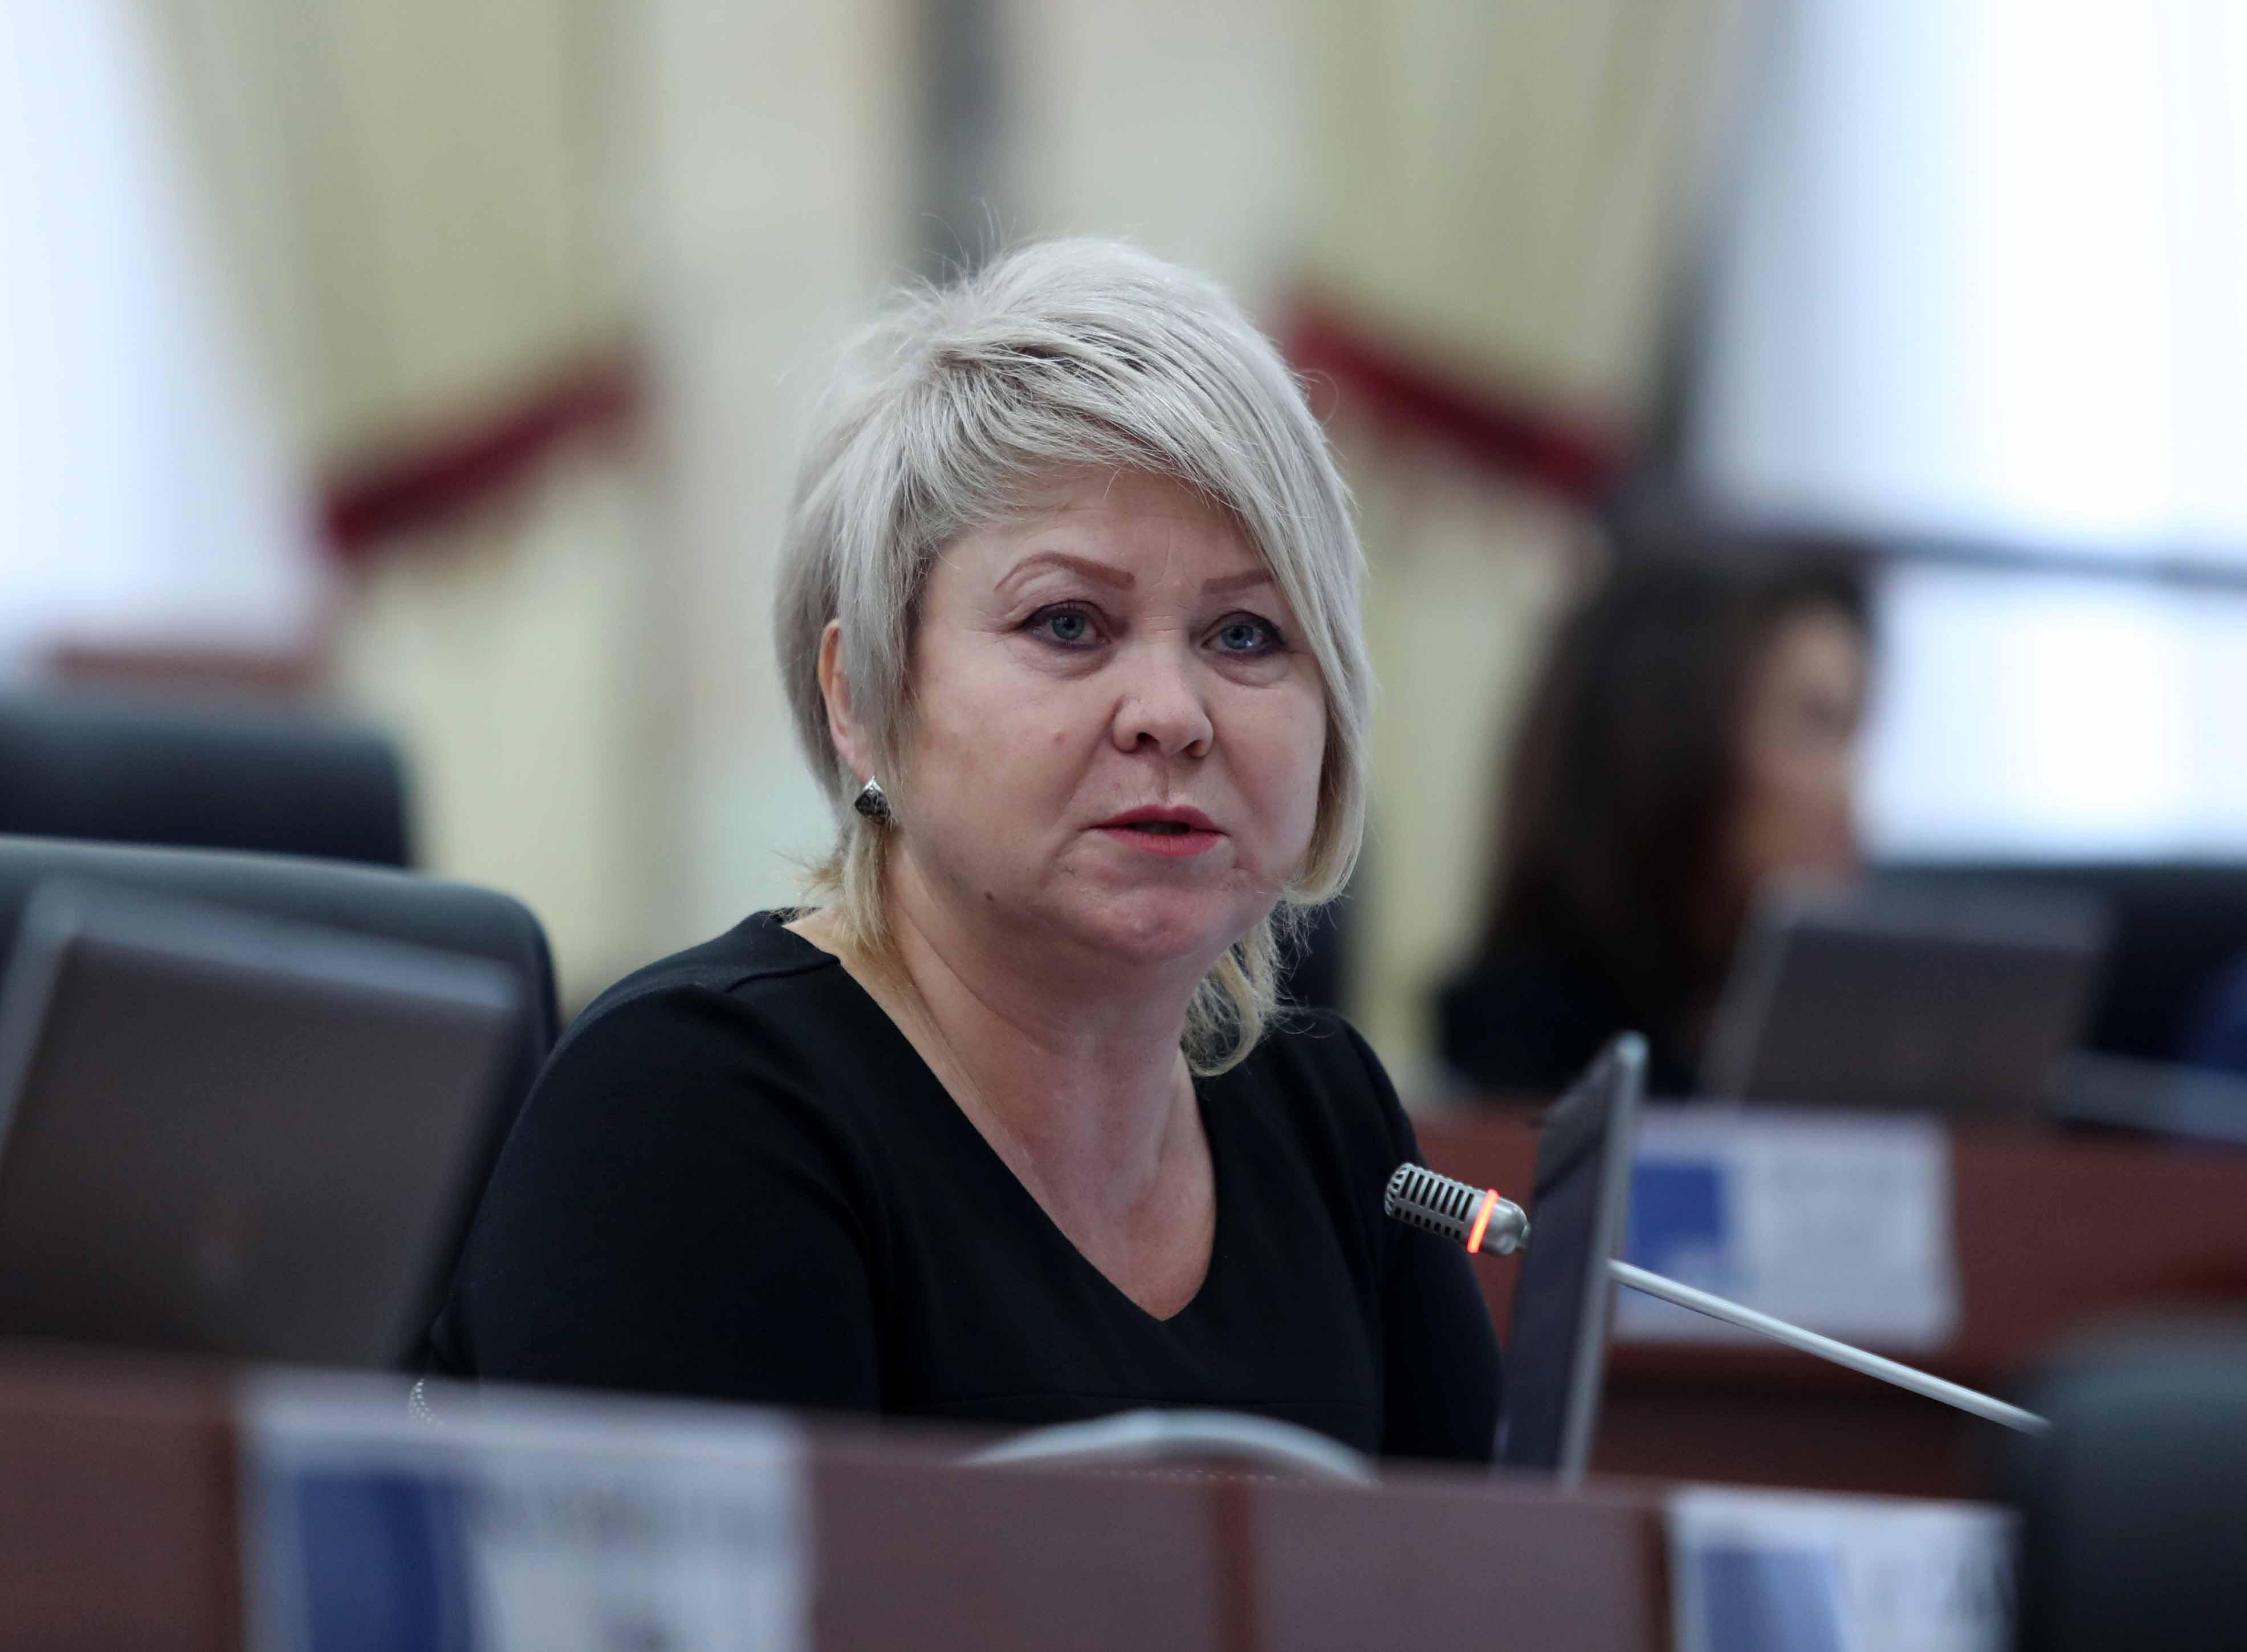 Ирина Карамушкина: Саясий куугунтукту токтотуп, Кой-Таш окуясы боюнча кармалгандарды бошотууга чакырам